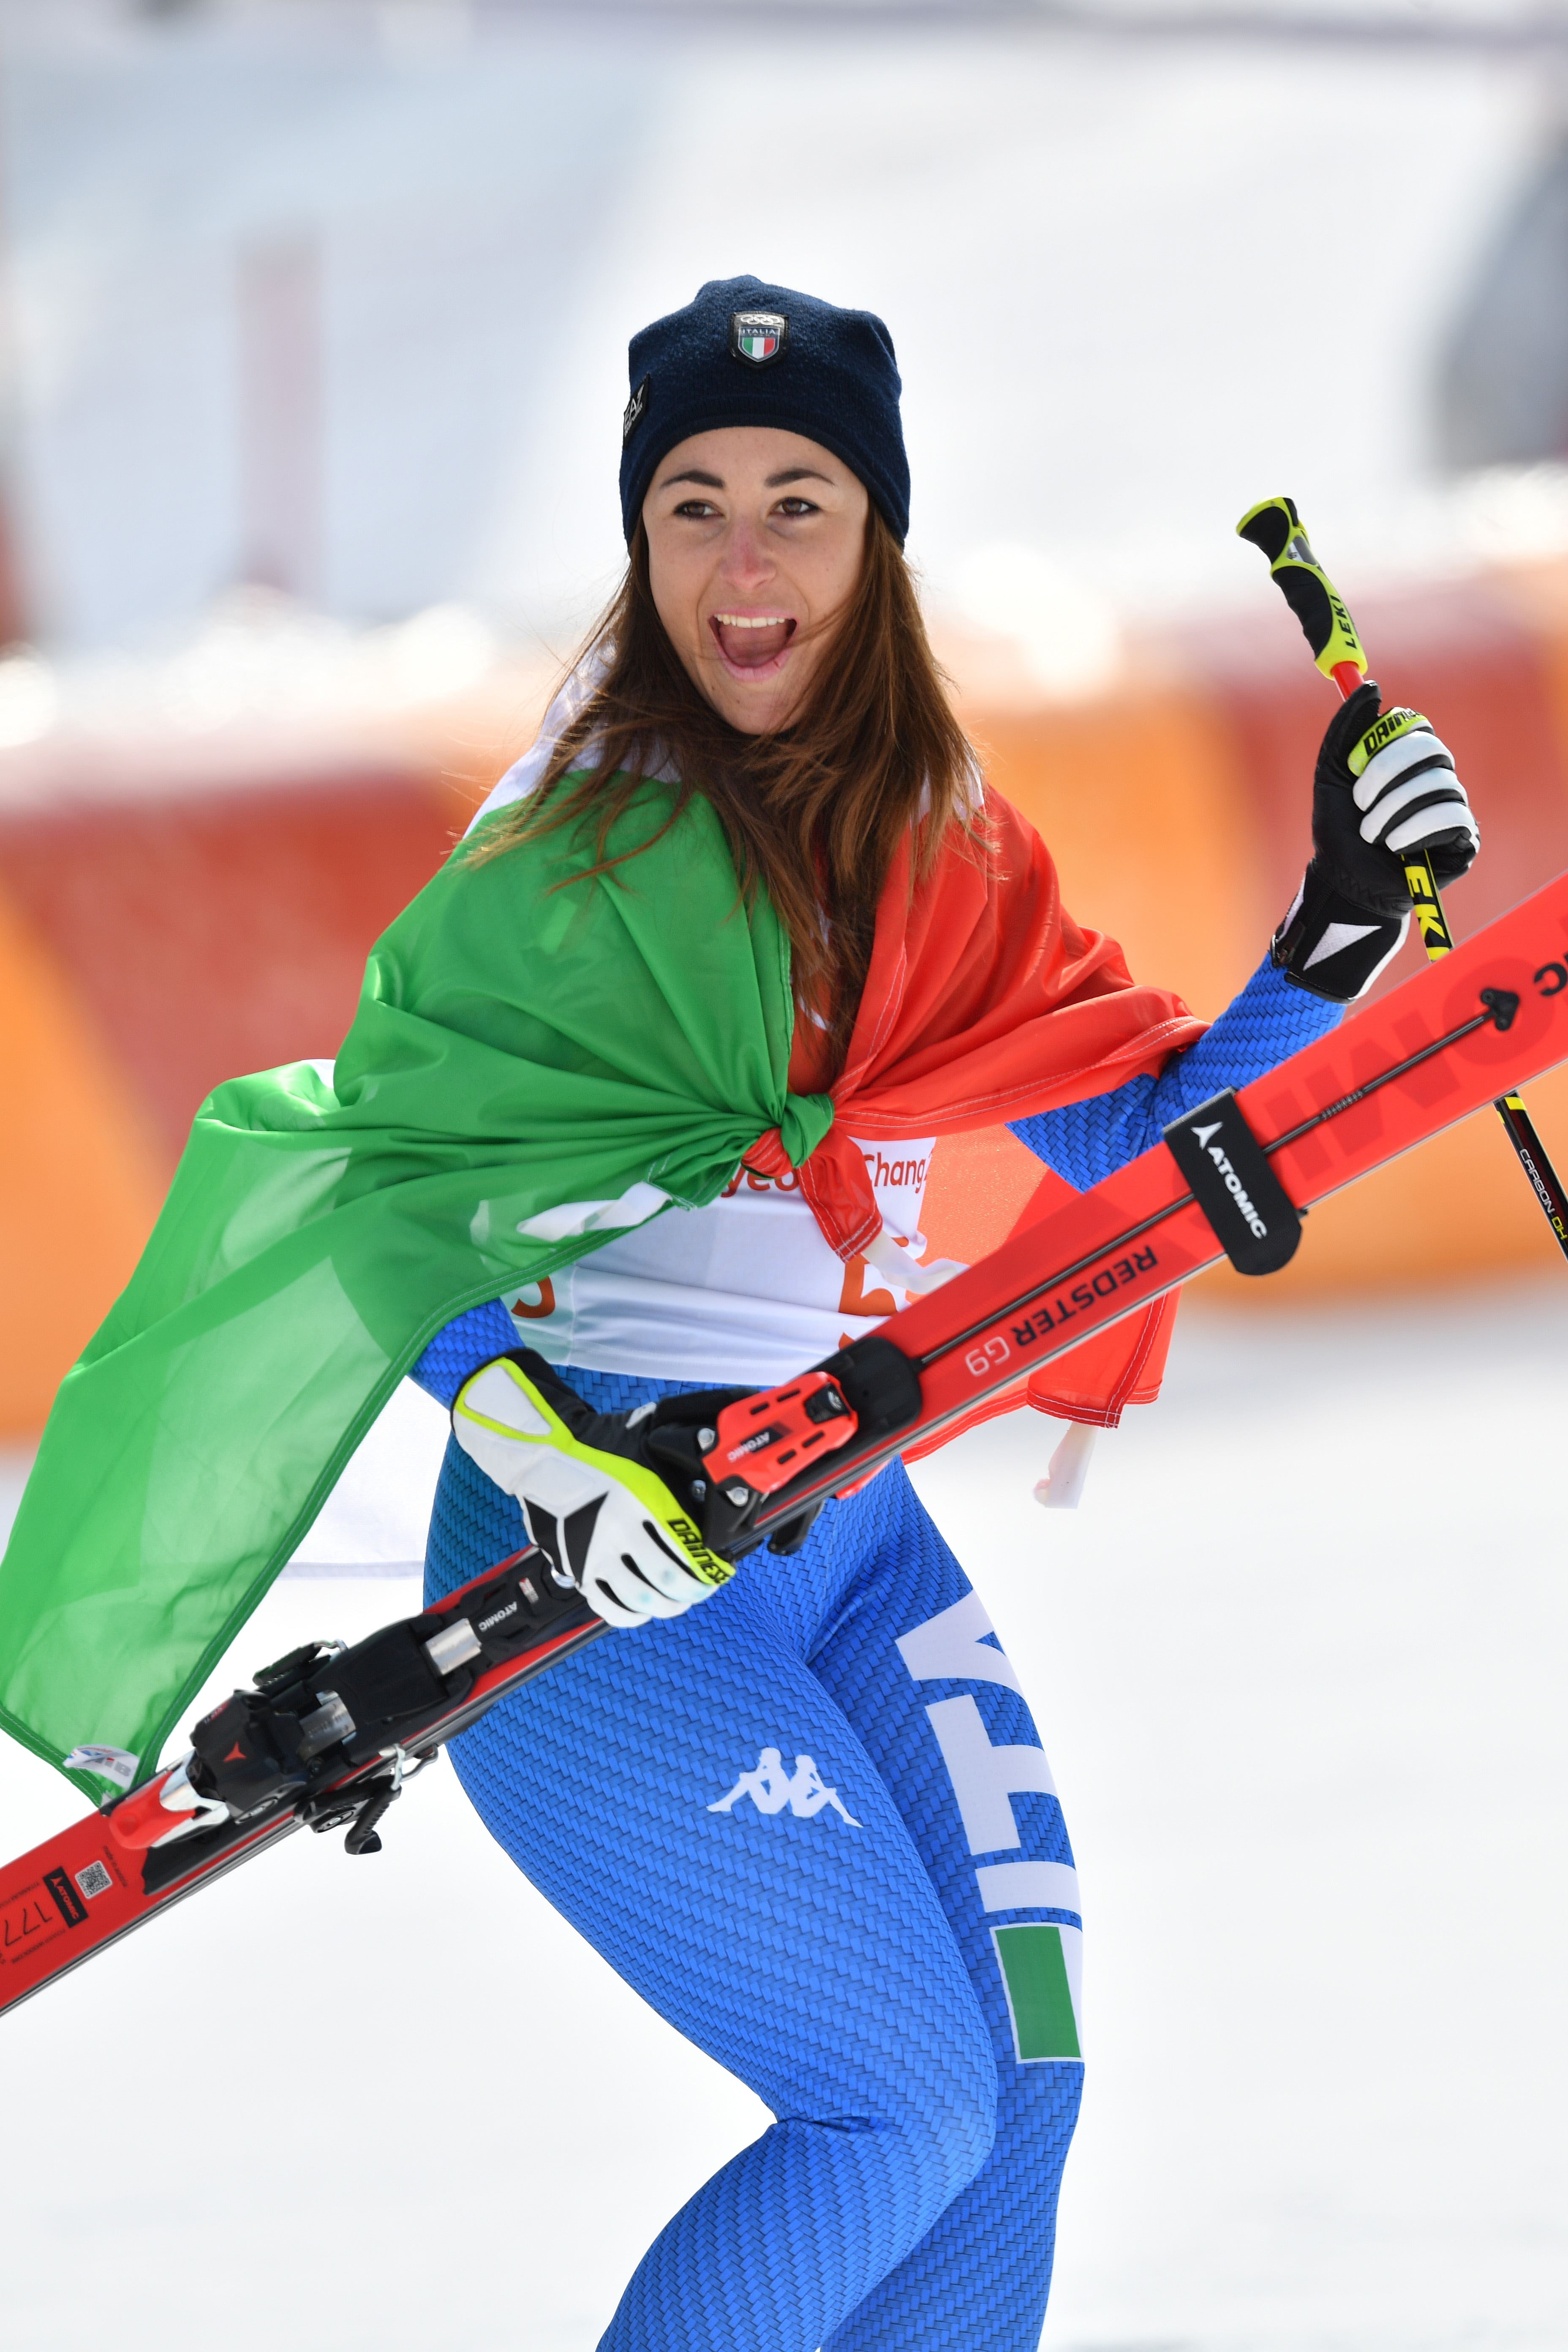 Le foto più belle della sciatrice Sofia Goggia, oro alle Olimpiadi / Image 6